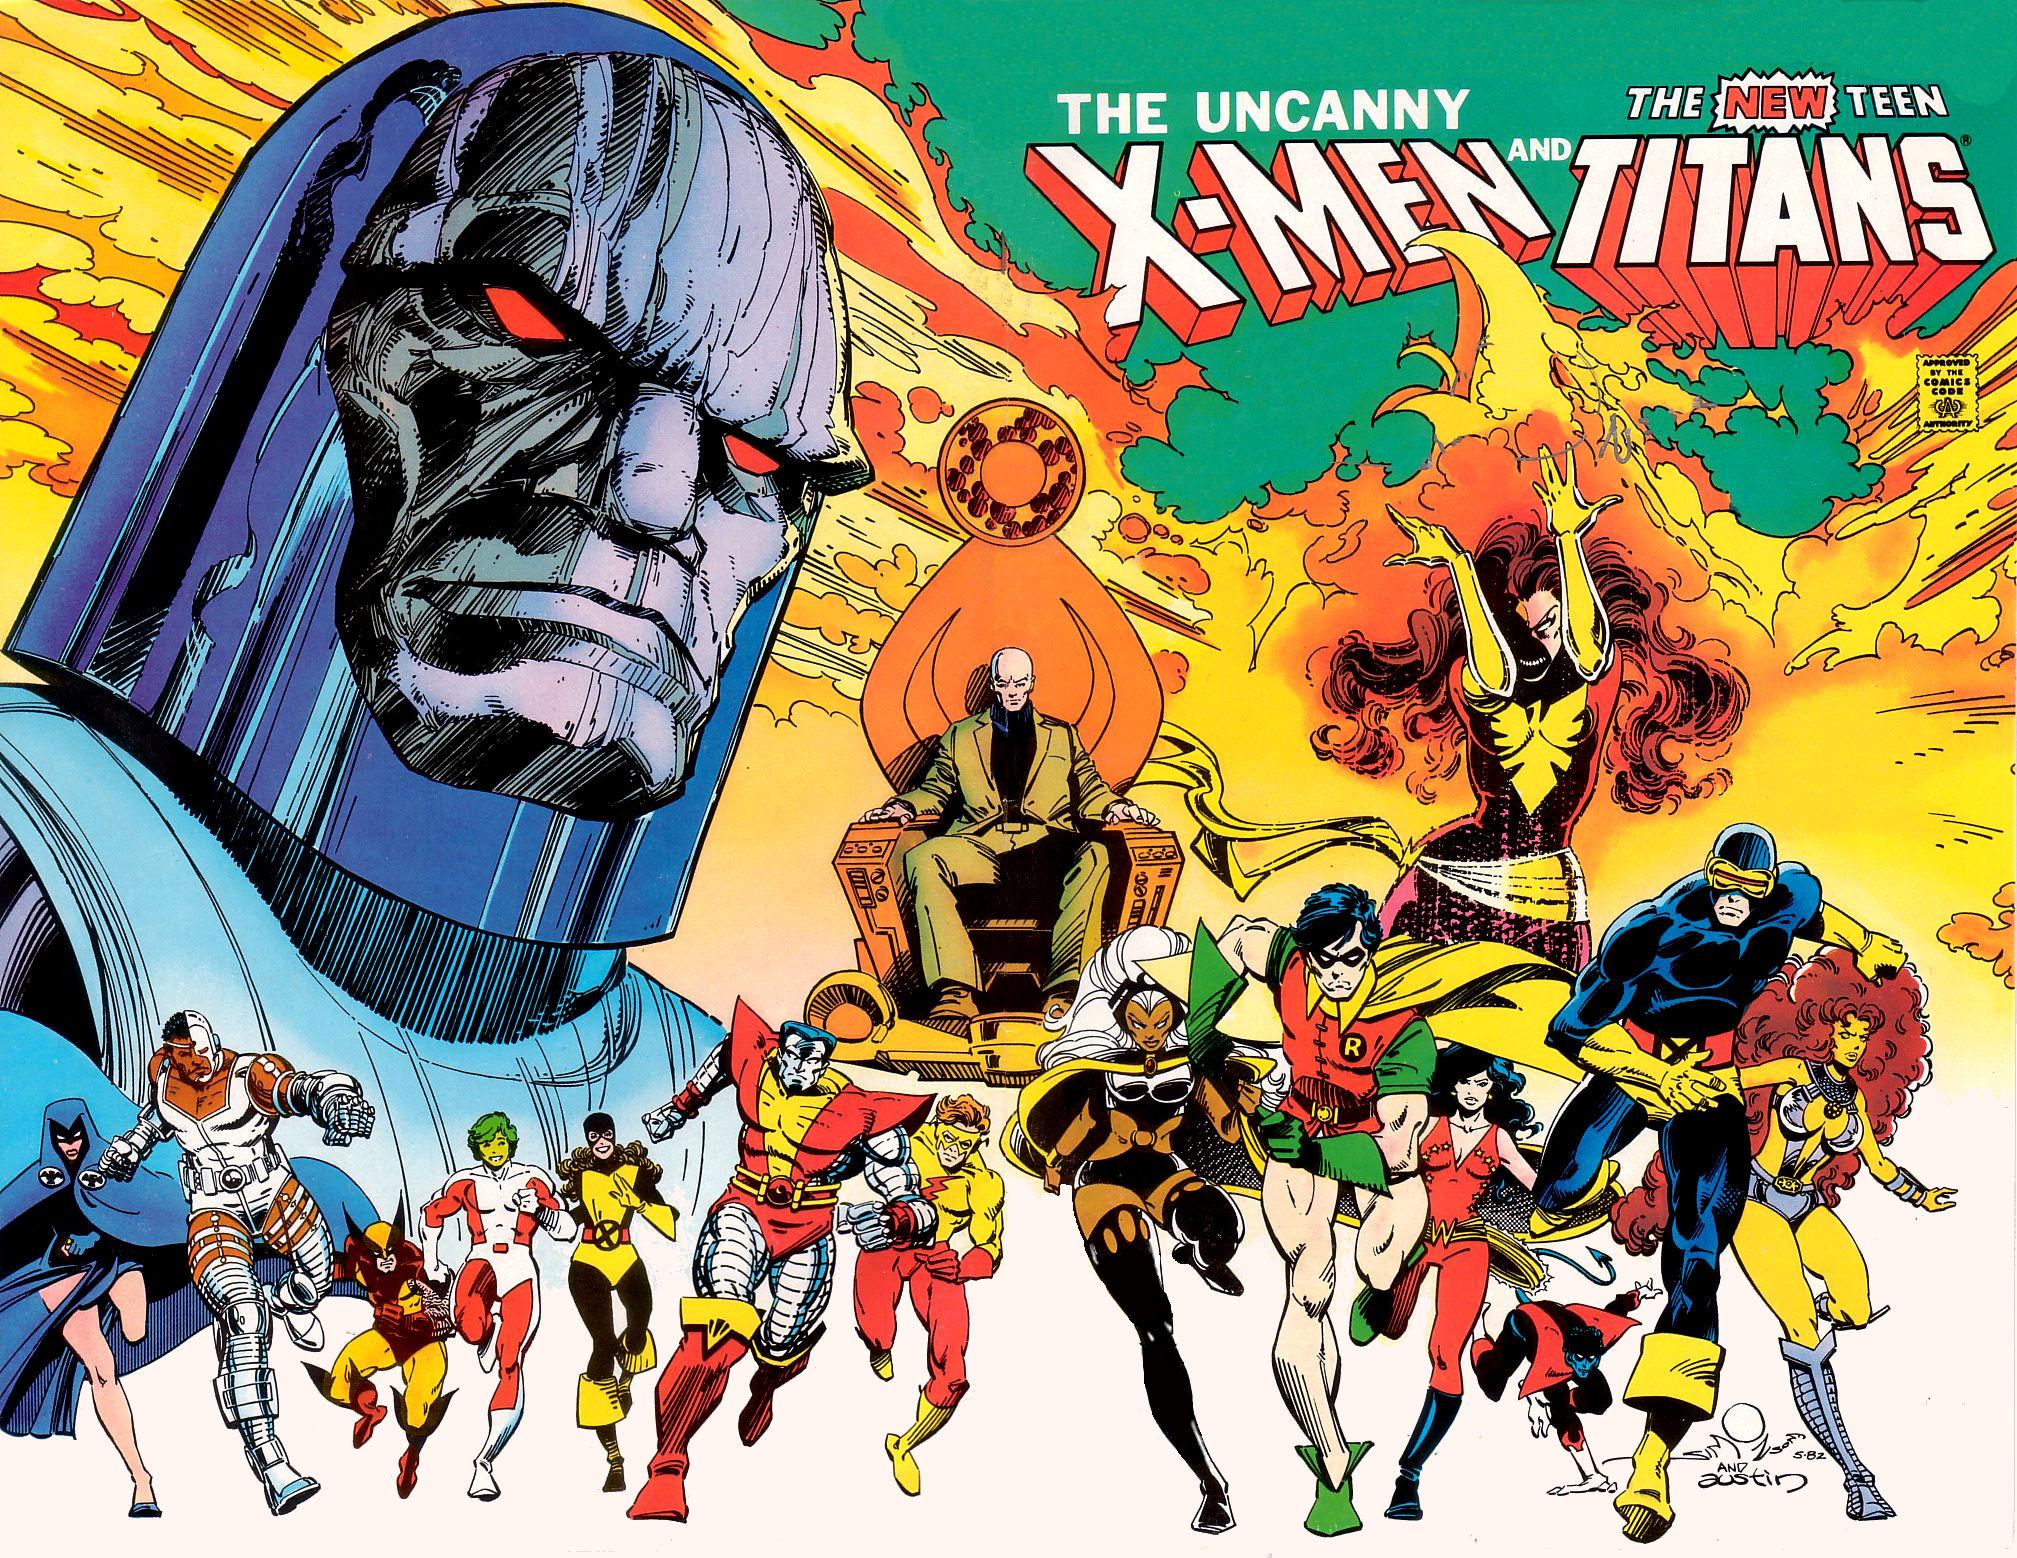 X Men And Teen Titans Teen Titans Uncanny X Men 2212115 Hd